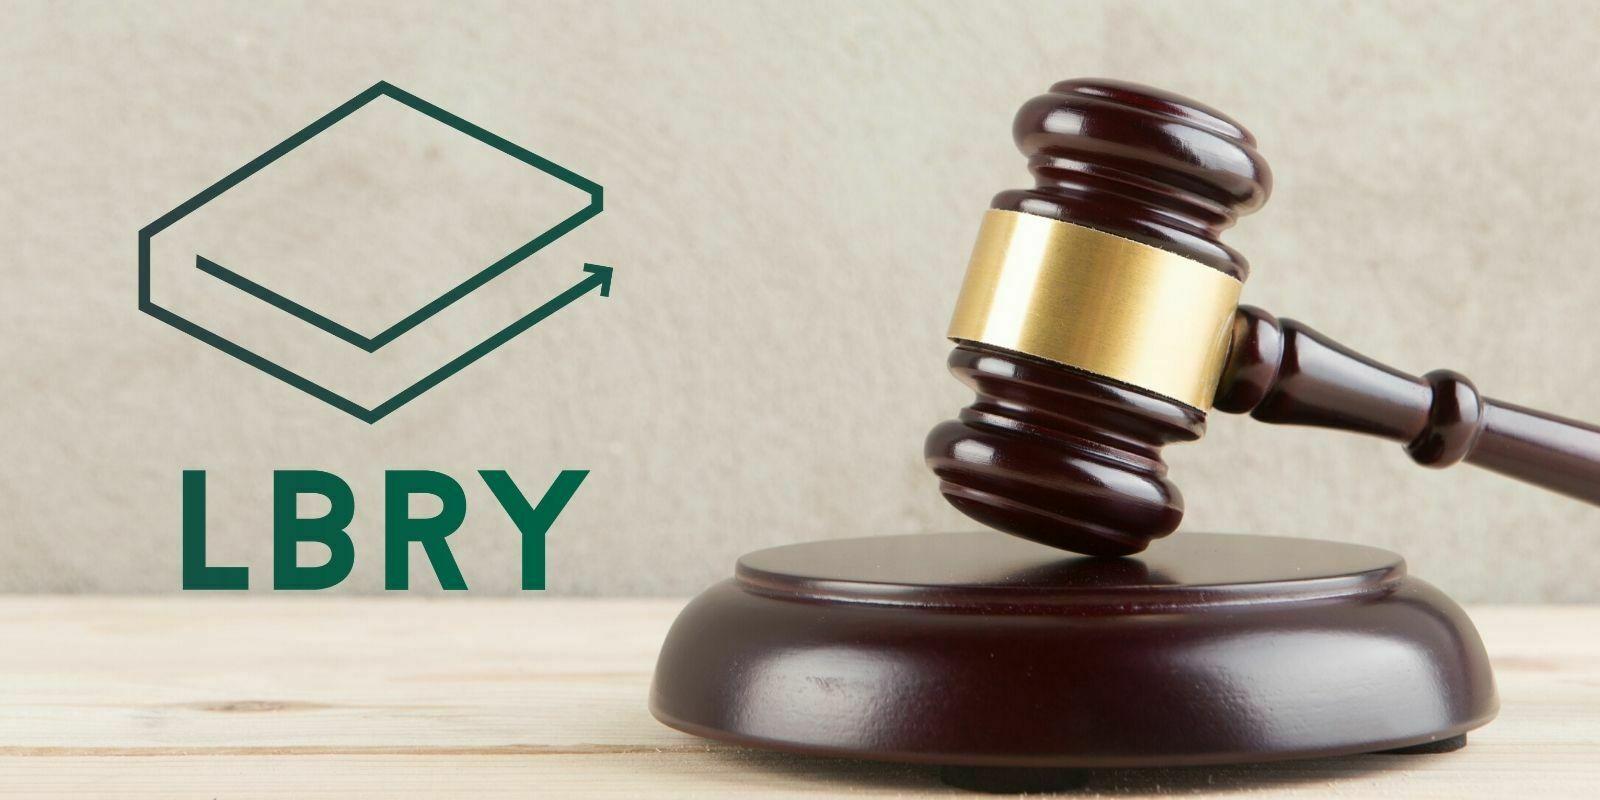 La SEC poursuit la plateforme LBRY, l'accusant de vendre des titres non enregistrés